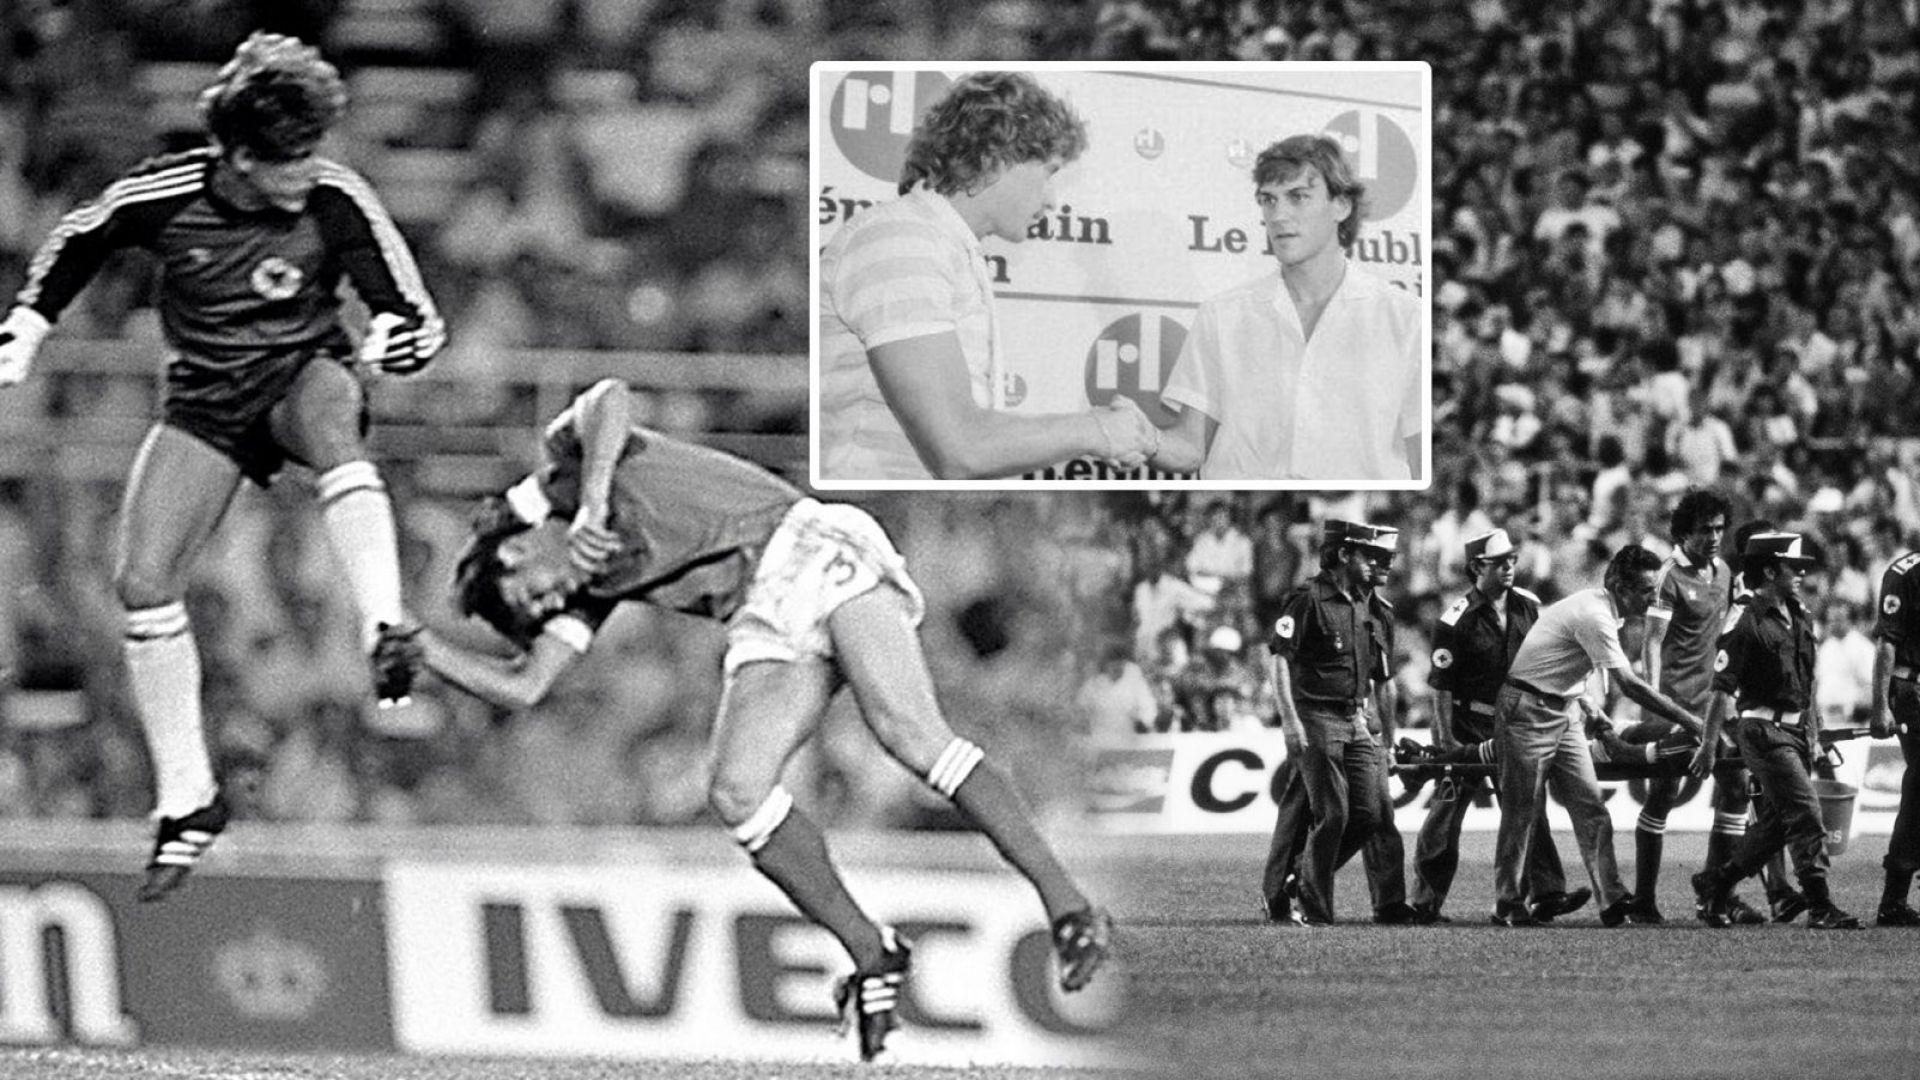 Начален сигнал: История за Чудовището от Севиля, допинг и мръсните тайни на футбола